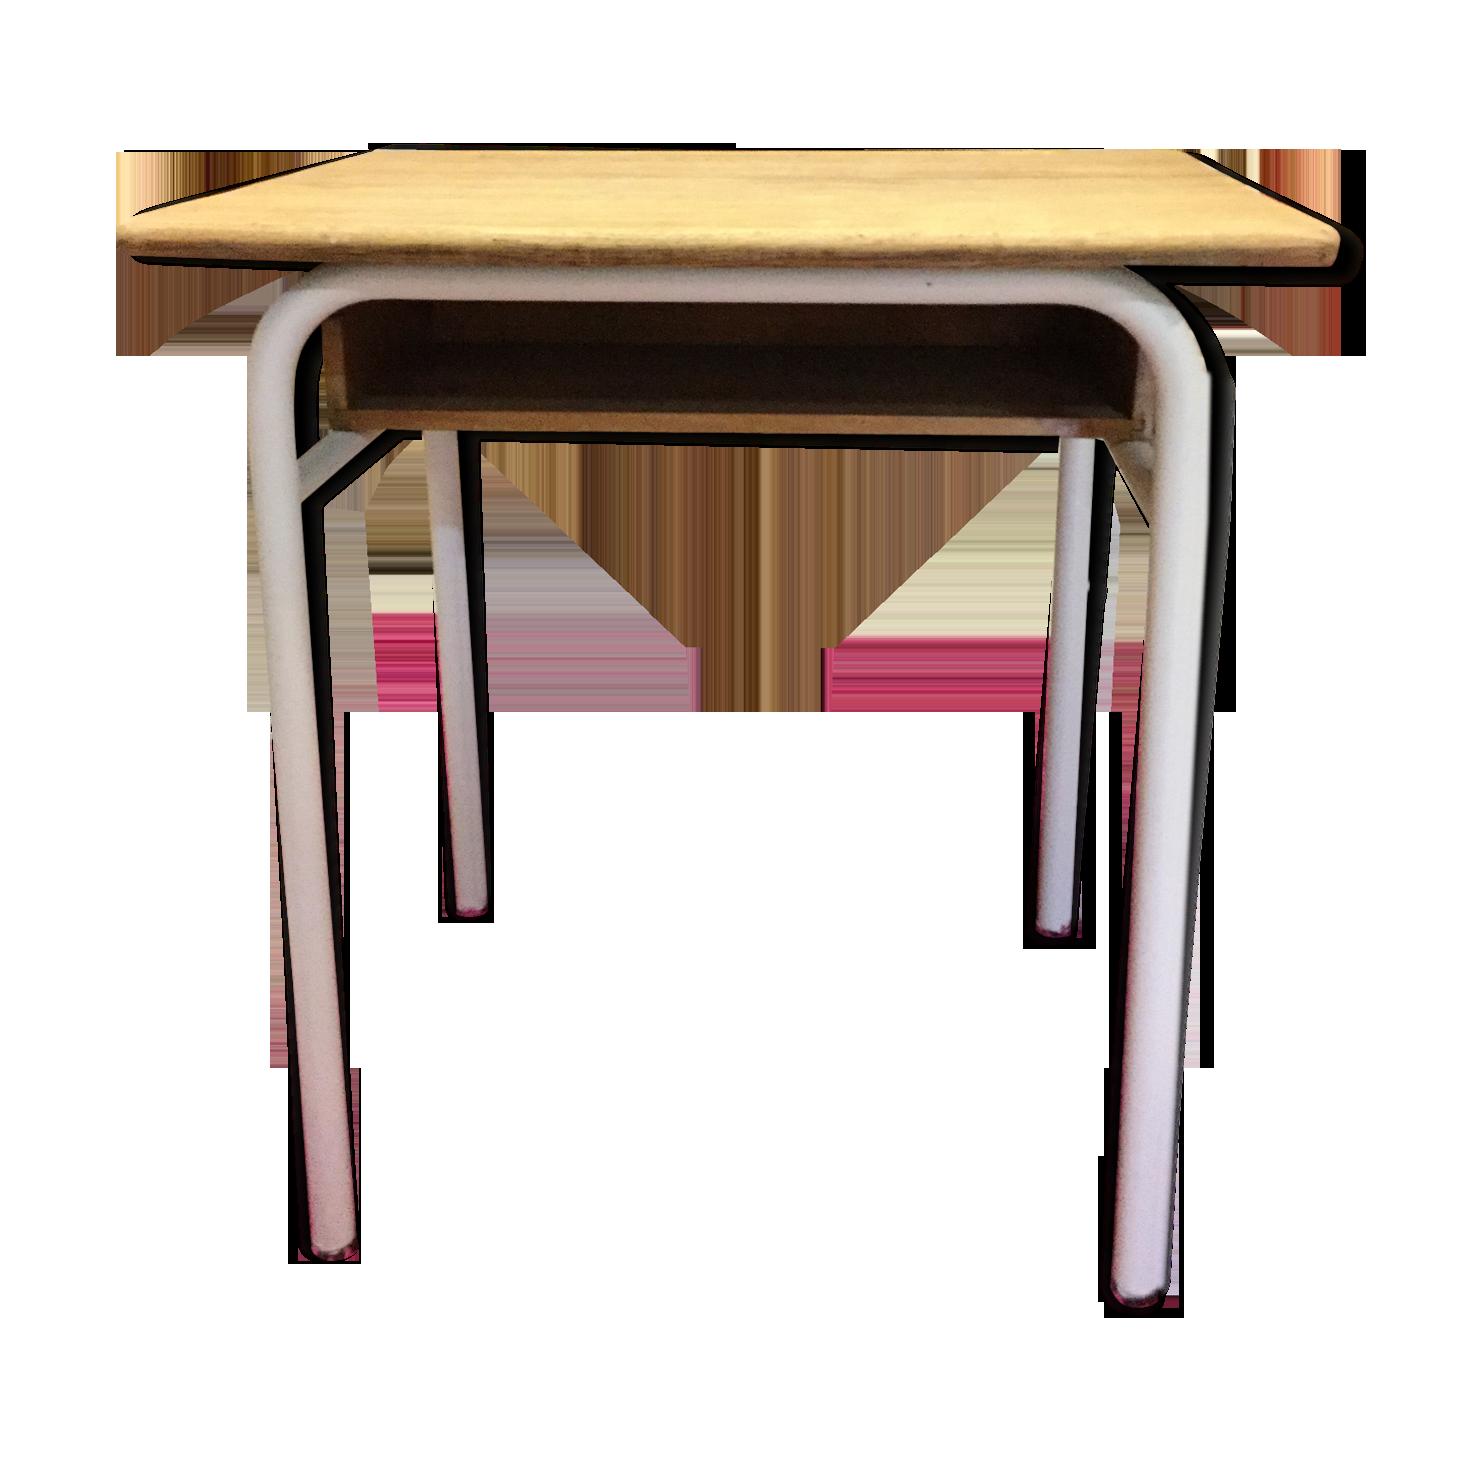 Bureau écolier avec casier en bois massif et tube métal métal